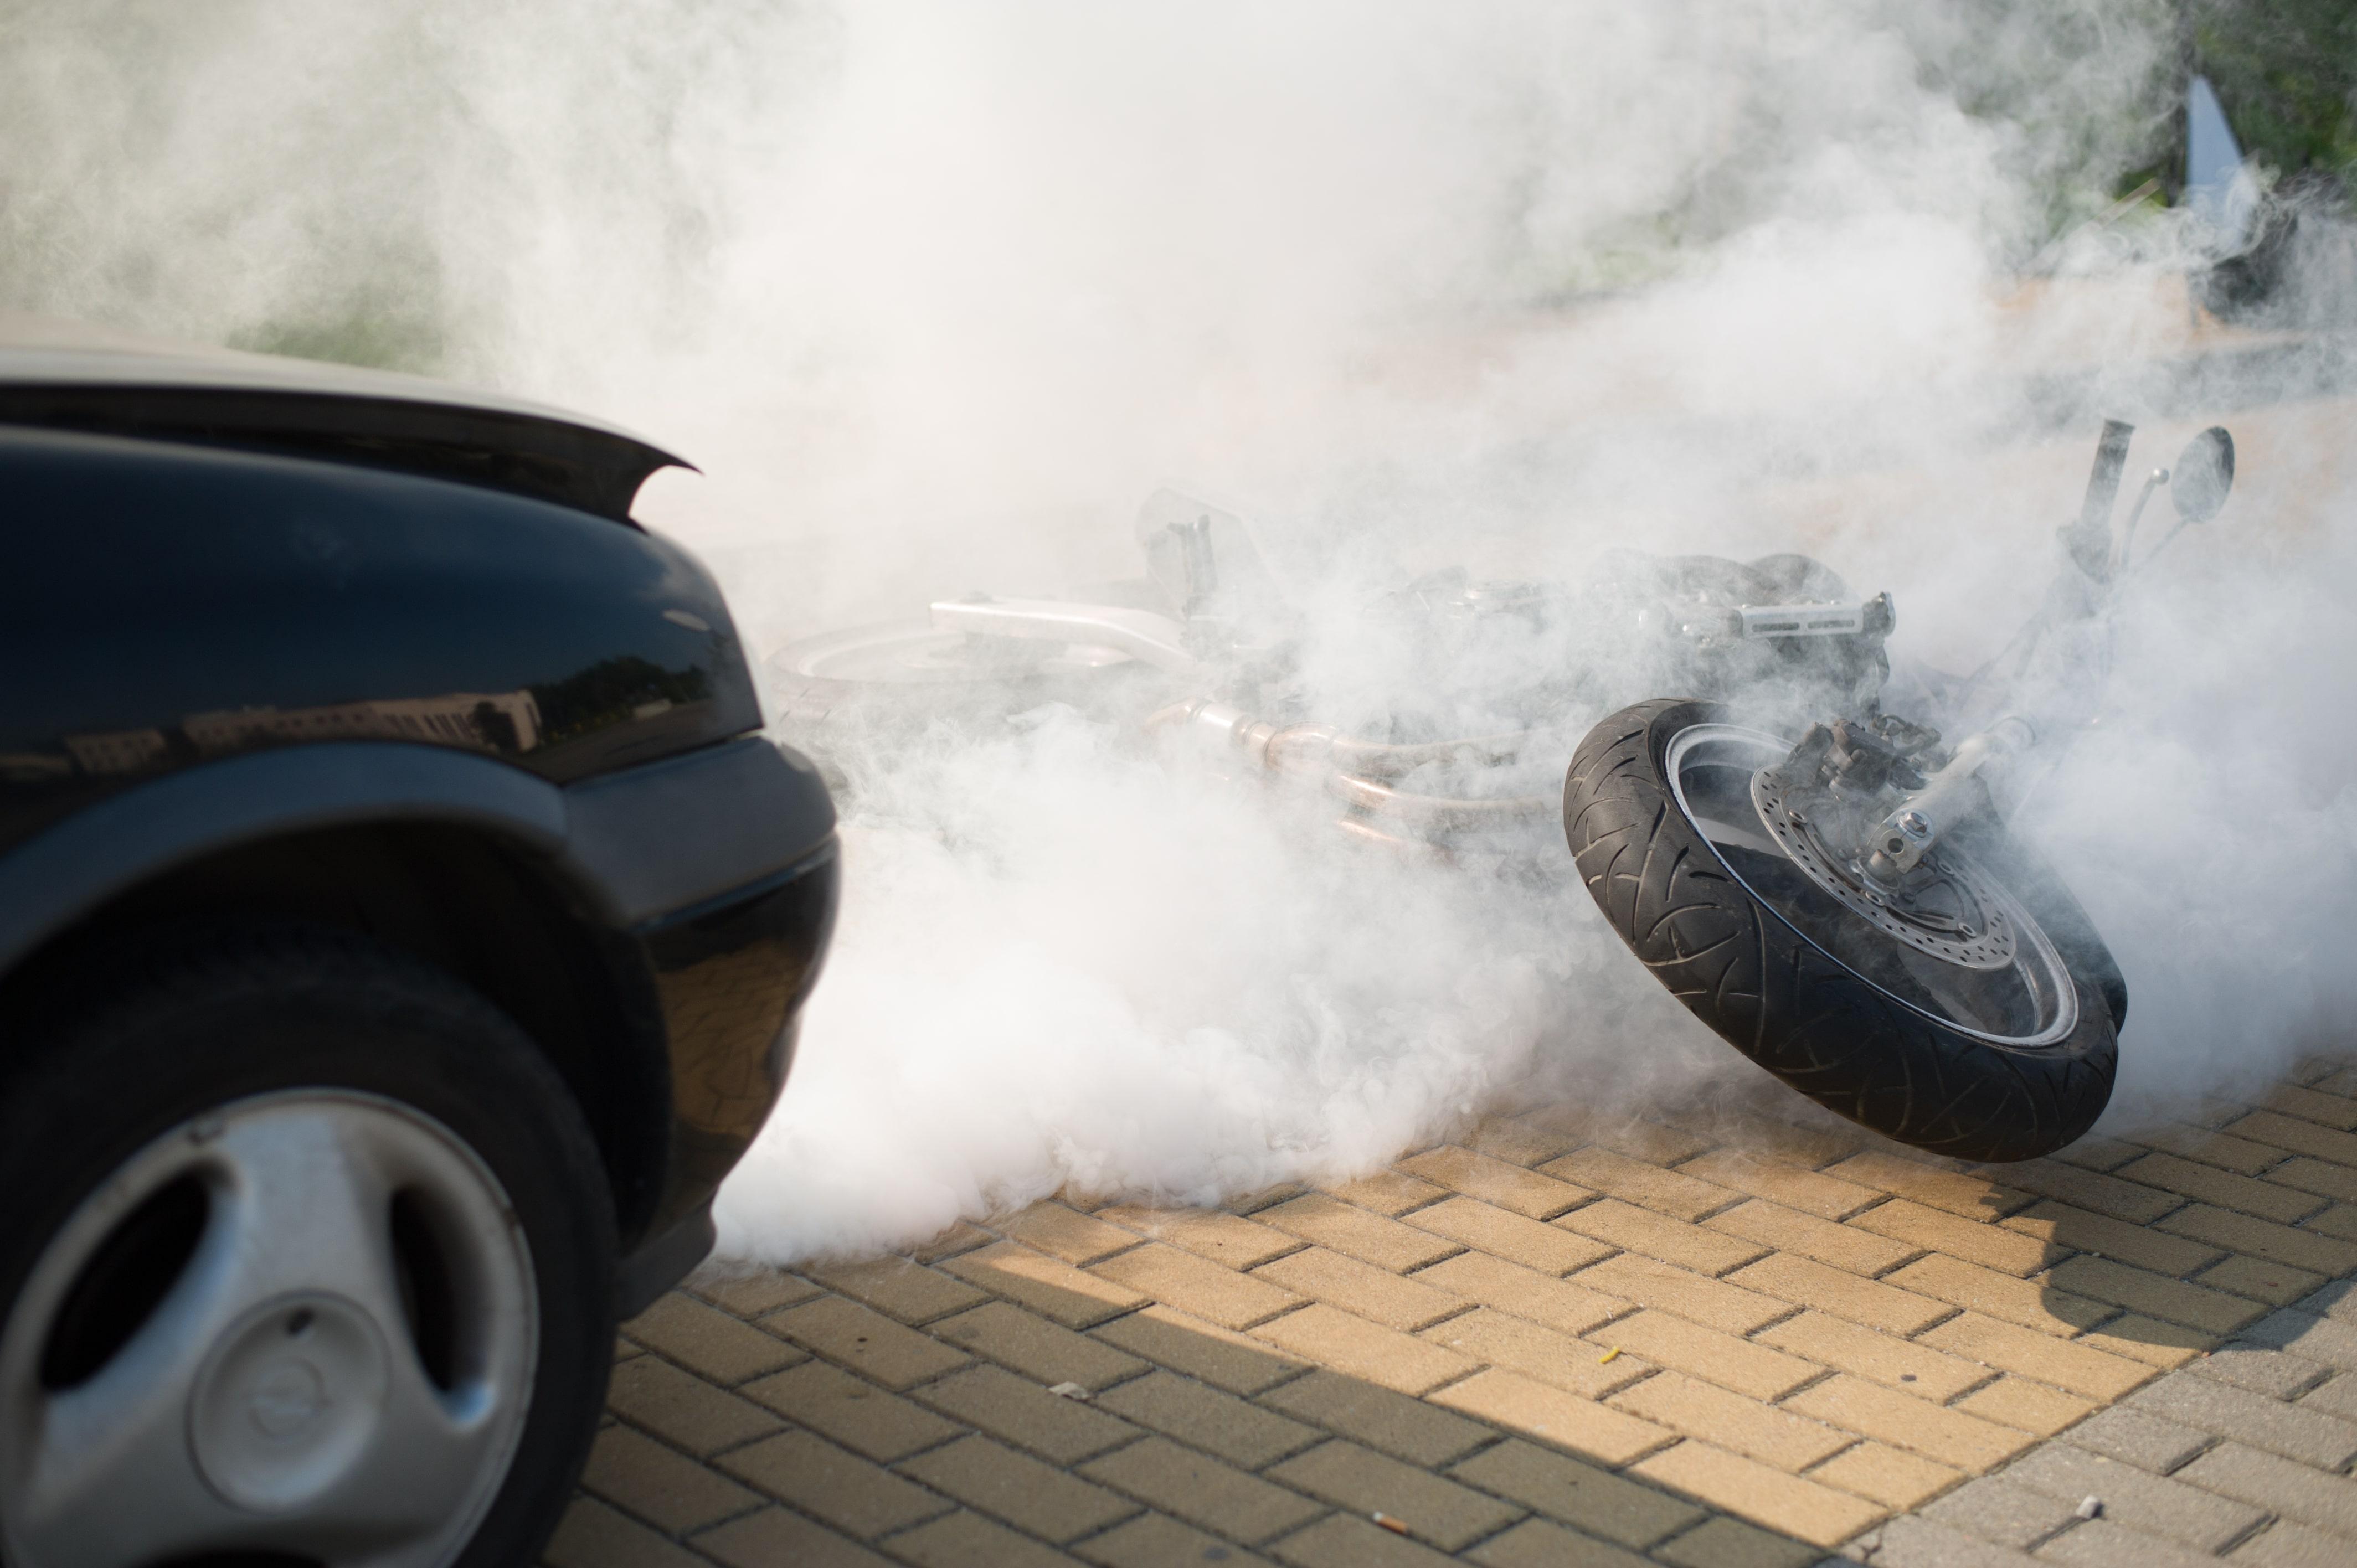 pierwsza pomoc wypadek komunikacyjny, pożar samochodu, wypadek motocyklowy